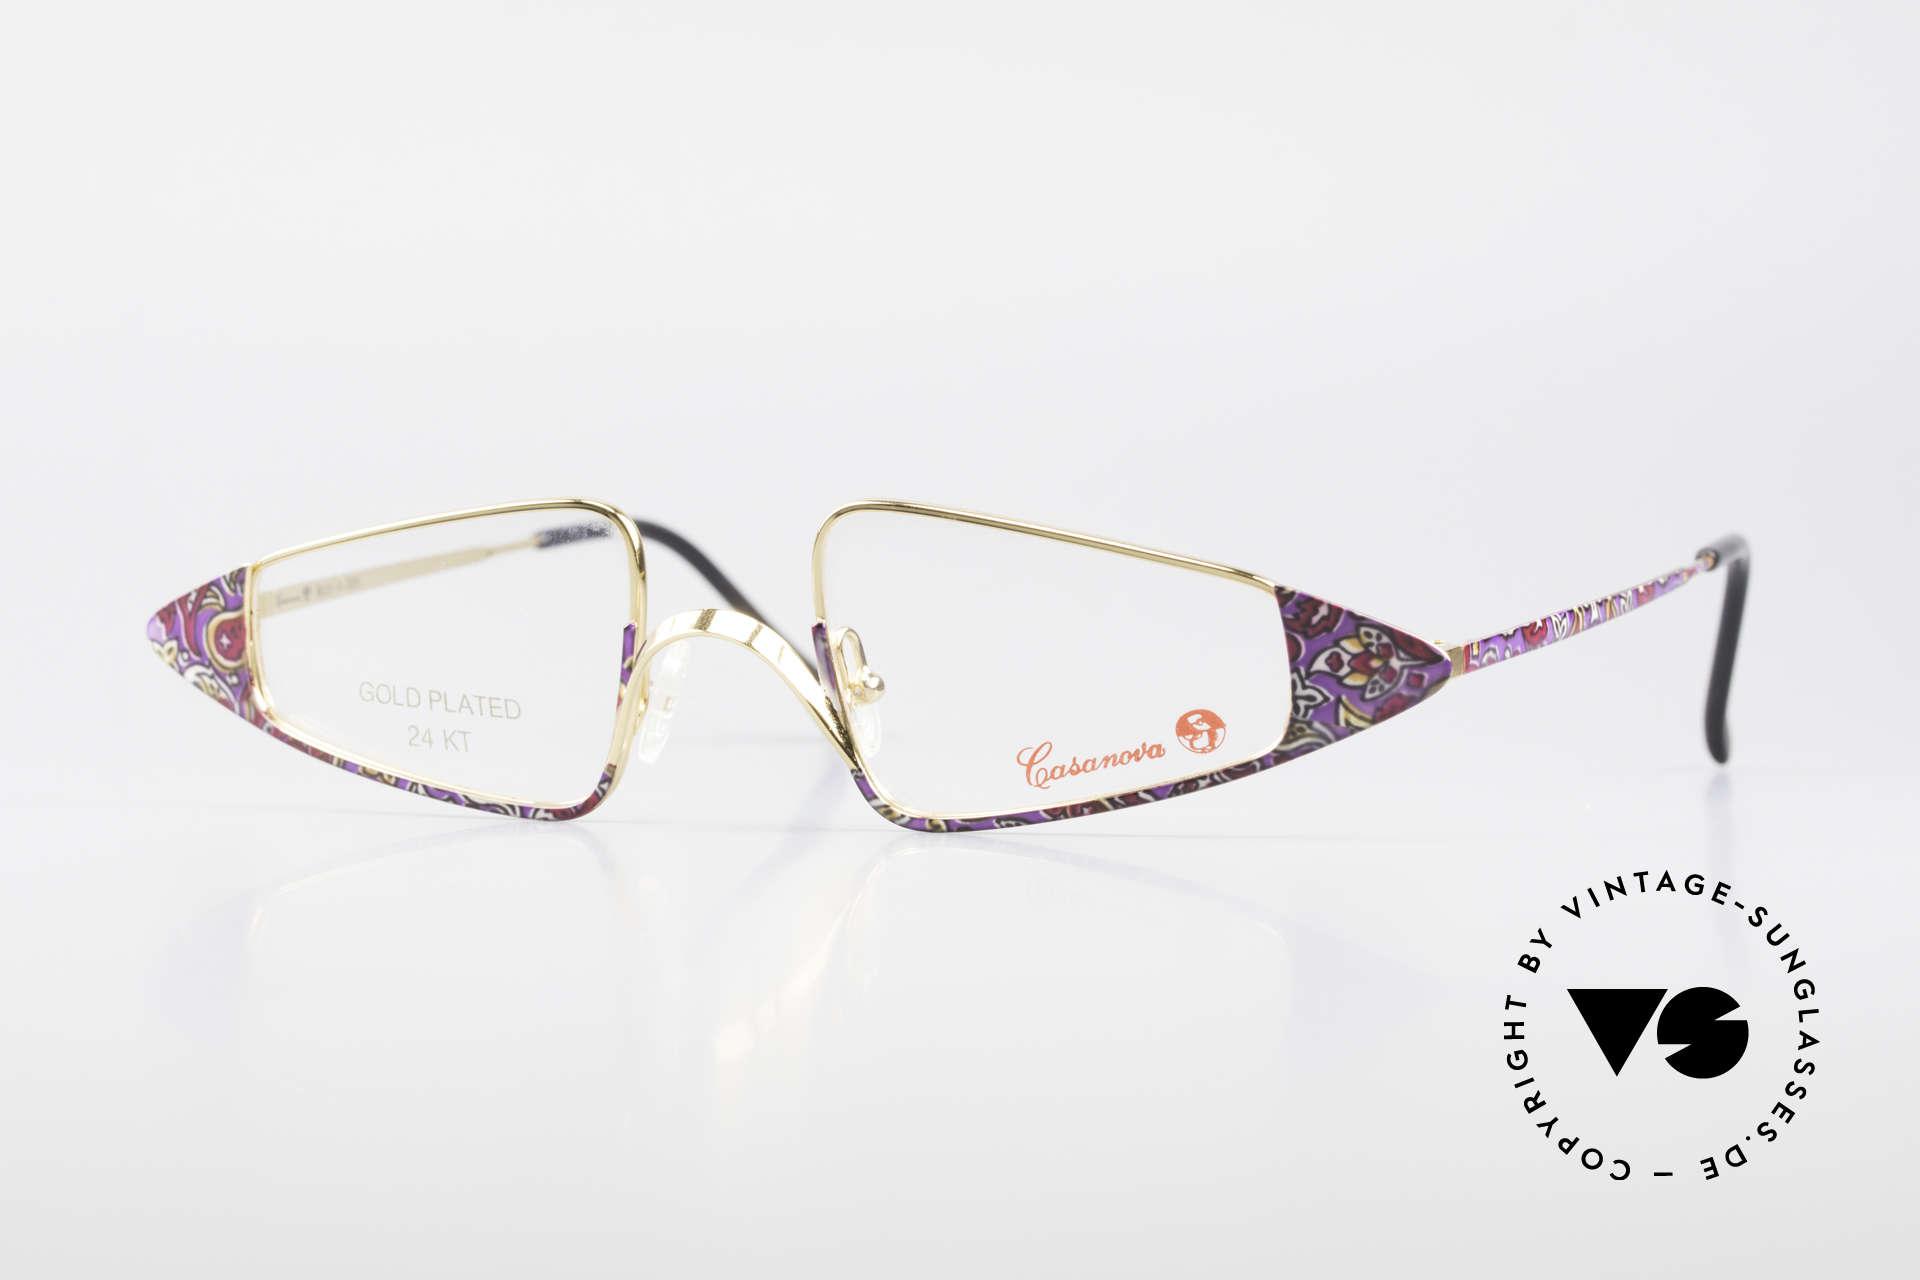 Casanova FC15 24kt Goldplattierte Lesebrille, zauberhafte Casanova Damenbrille von circa 1985, Passend für Damen